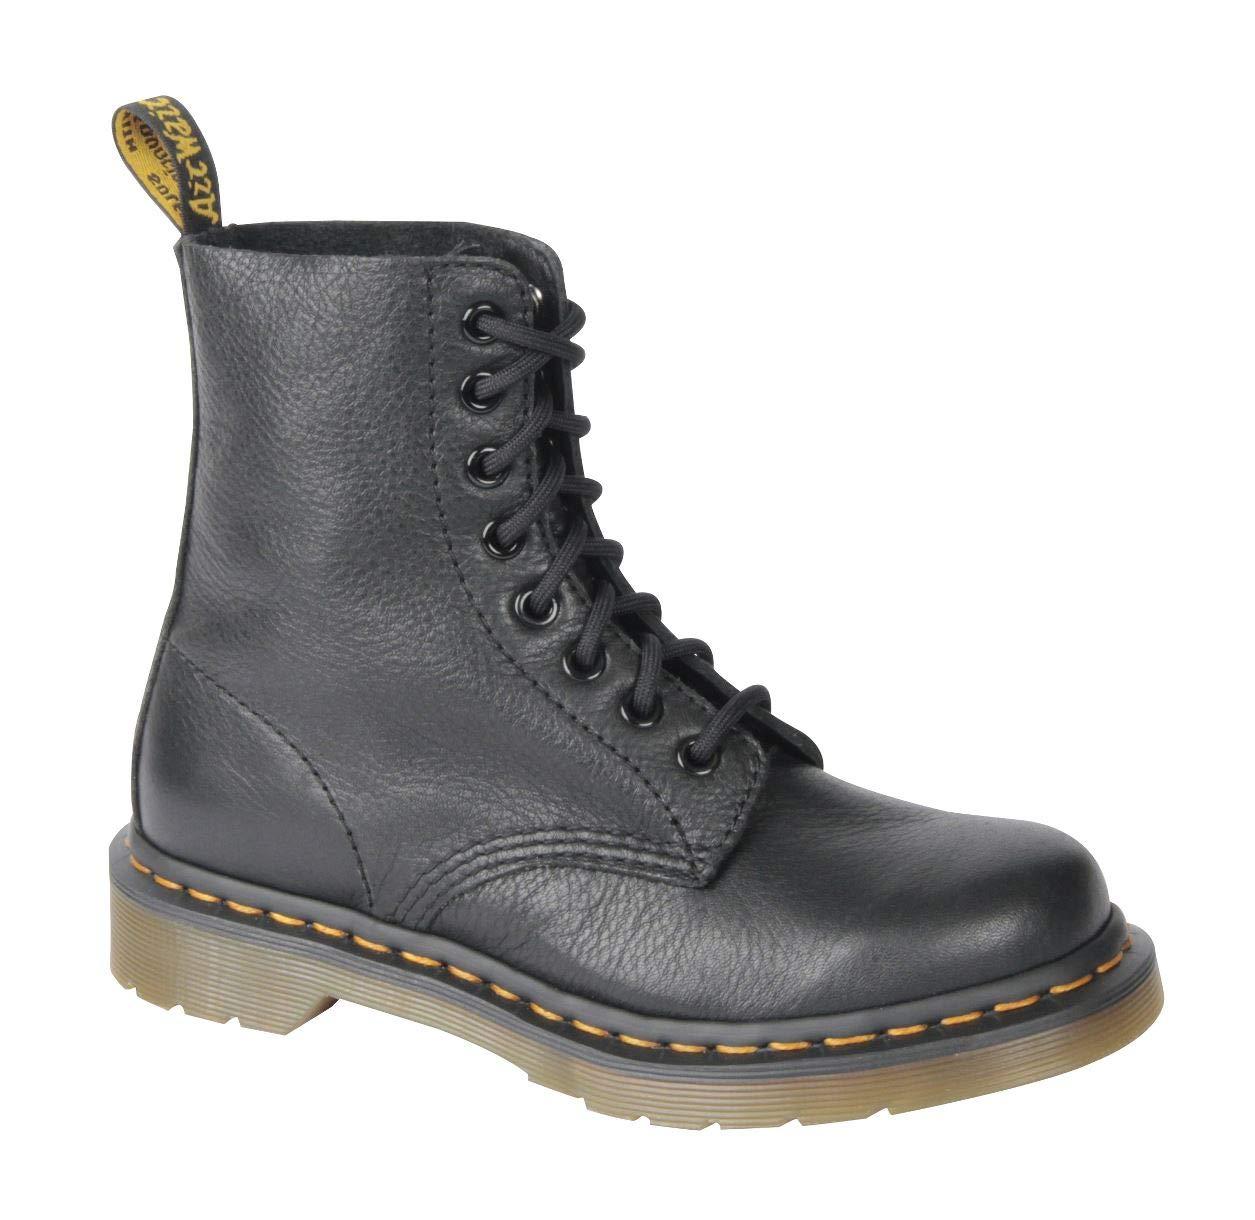 Dr. Martens Women's Pascal Combat Boot, Black, 5 UK/7 M US by Dr. Martens